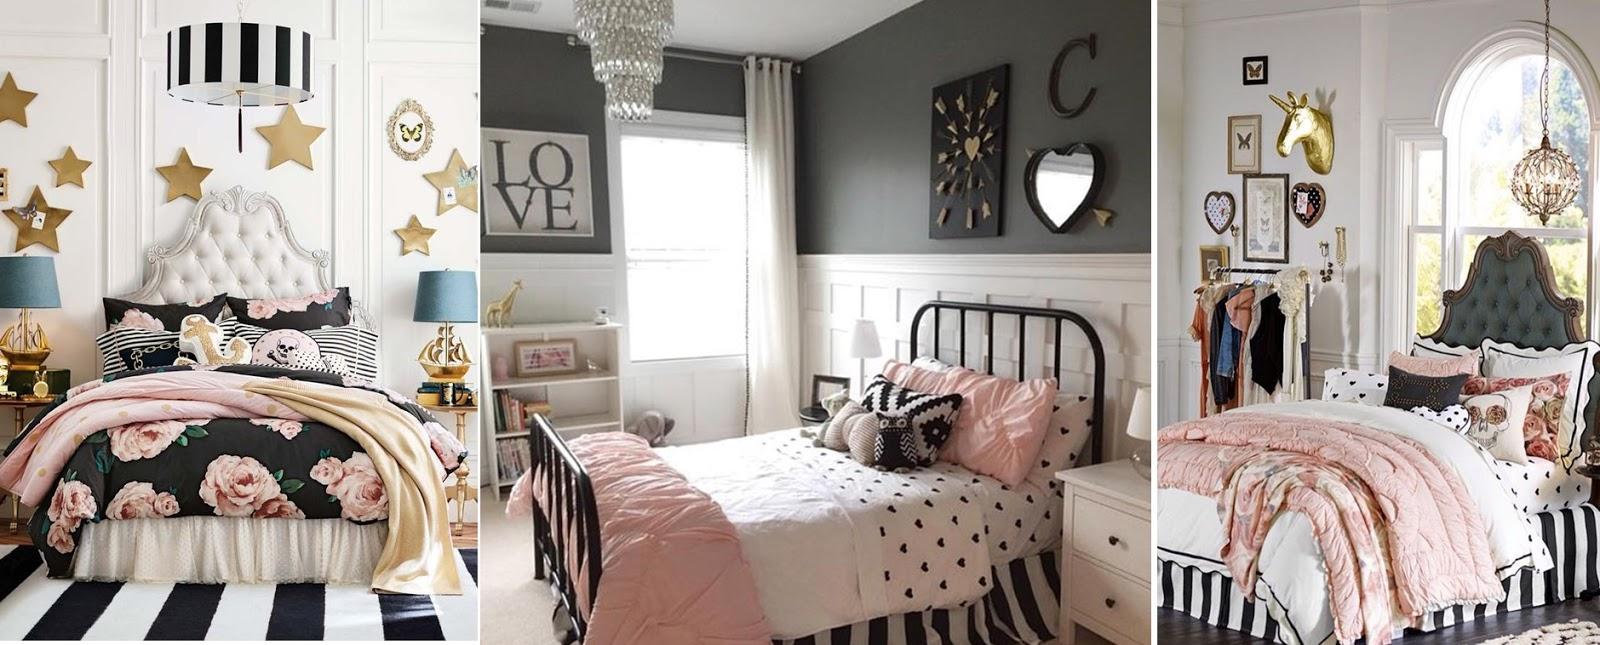 Female room, room, decoração, decoração de quartos, cama, quartos de blogueiras, candy color, decor, almofadas, cochas de cama, decoração de quarto, decoração de quarto feminino, quarto feminino,